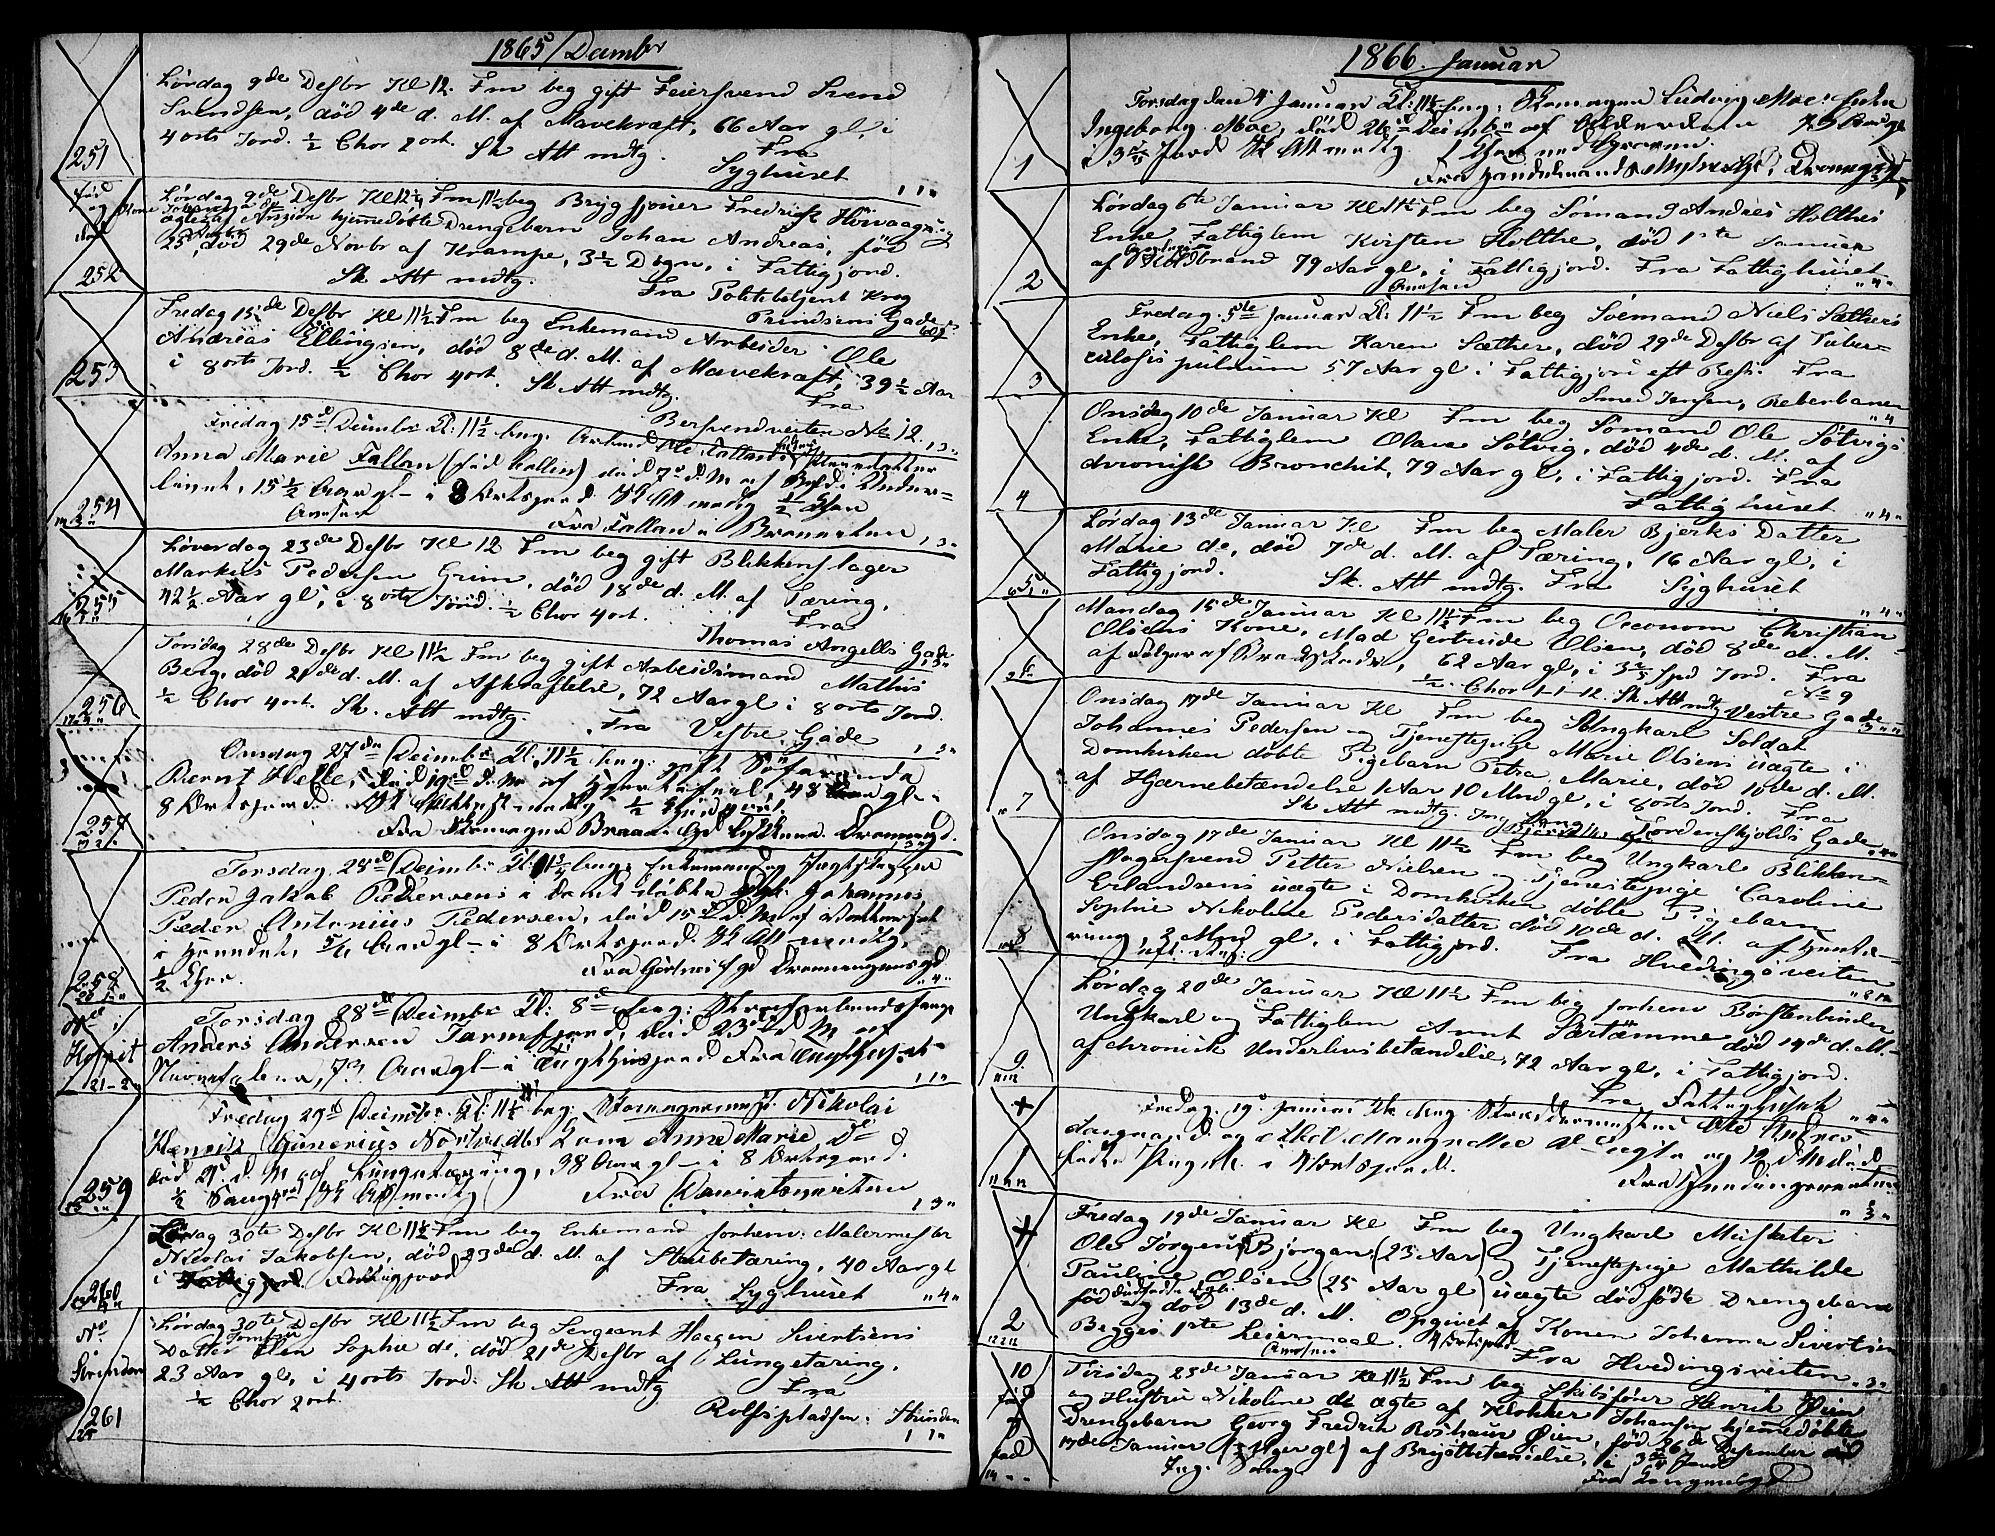 SAT, Ministerialprotokoller, klokkerbøker og fødselsregistre - Sør-Trøndelag, 601/L0084: Klokkerbok nr. 601C02, 1856-1881